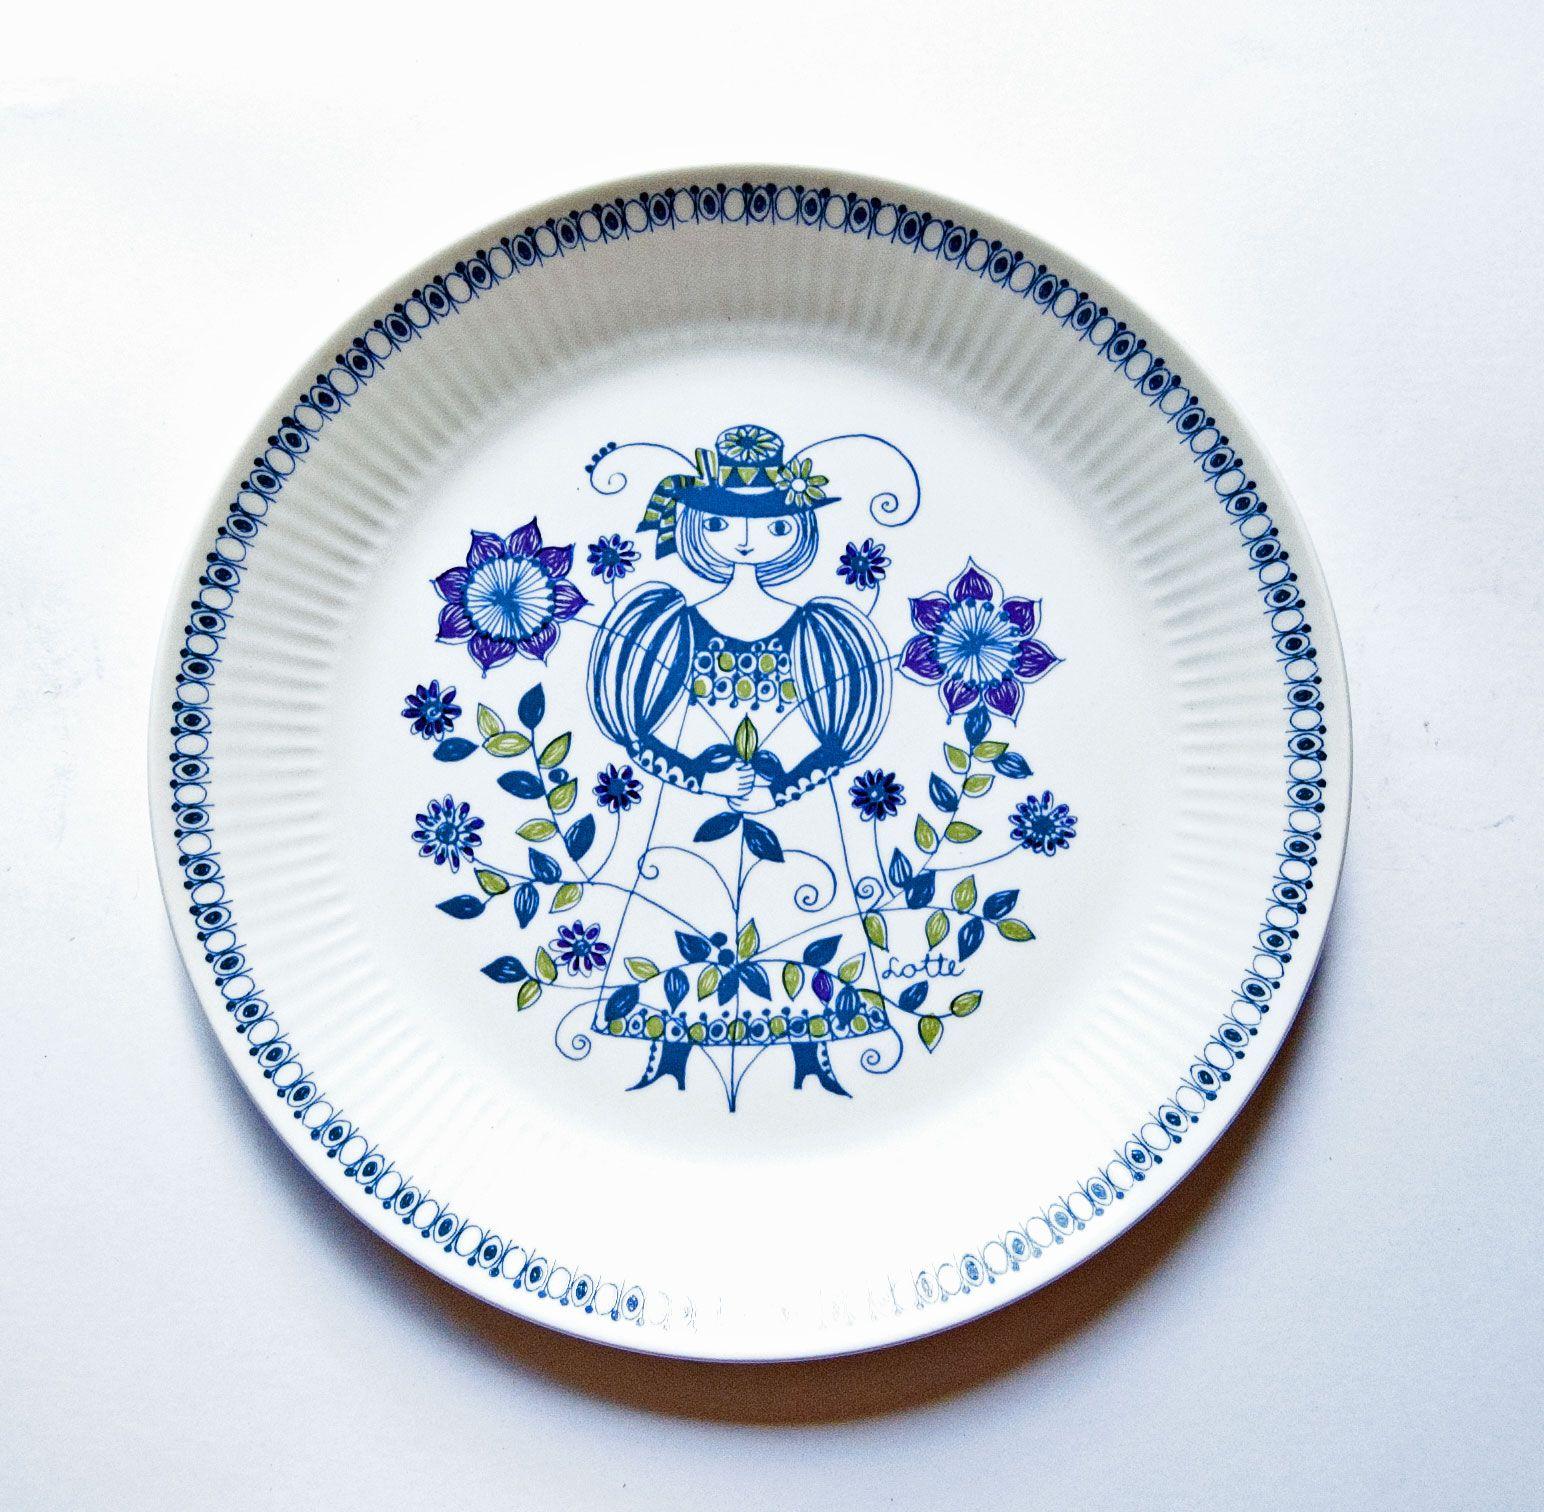 Figgjo Lotte Part 2 Pottery Vintage Pottery Mid Century Pottery